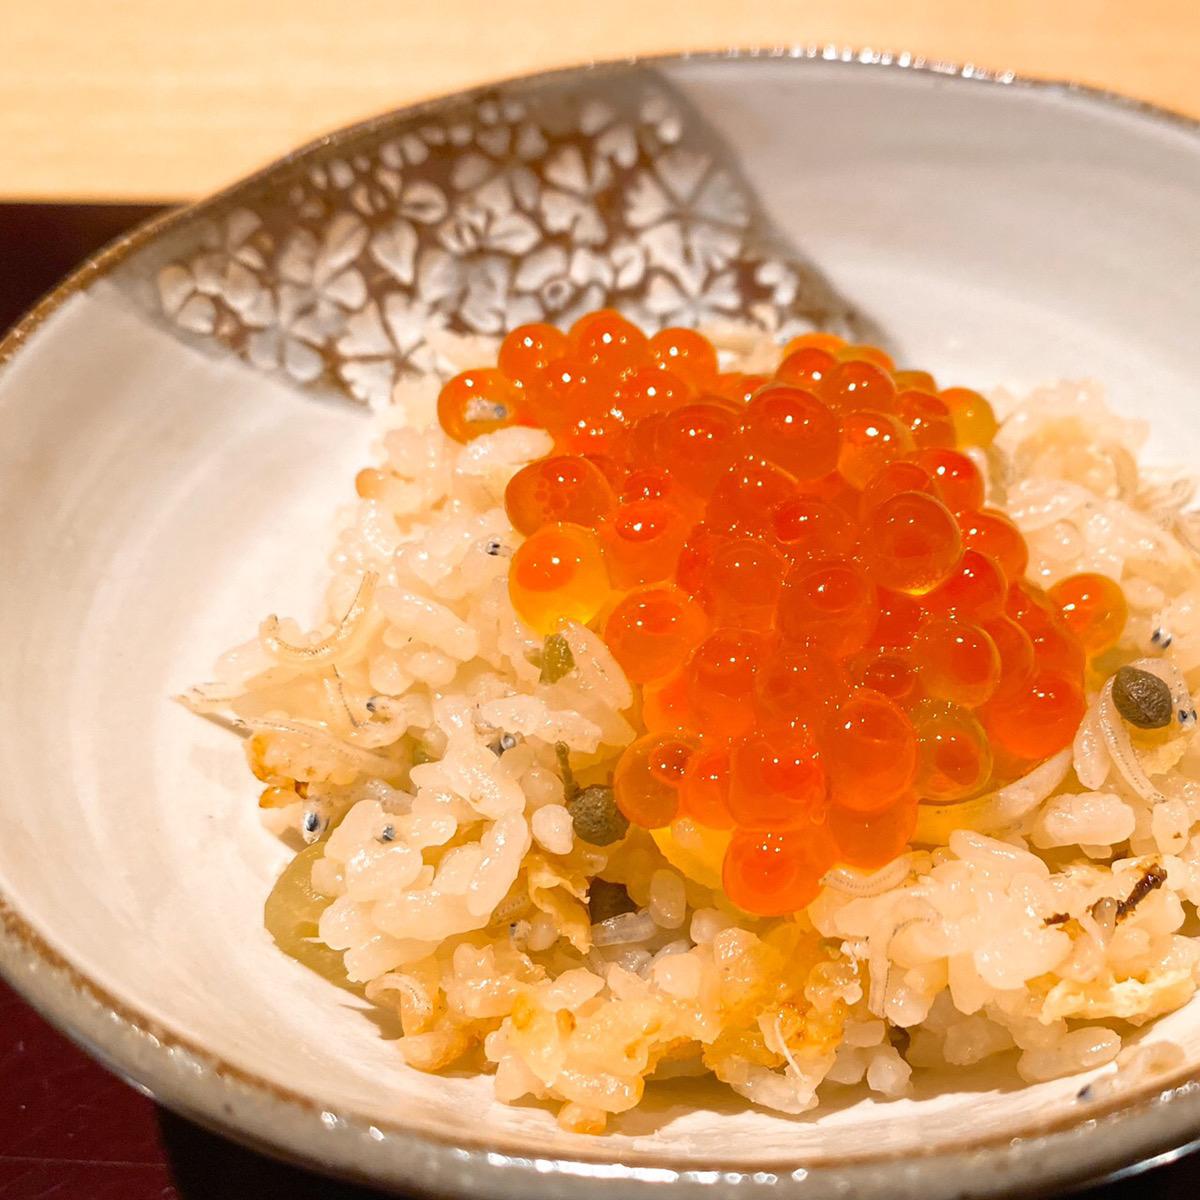 雑魚の炊き込みごはんの上に贅沢に乗せたいくら丼です